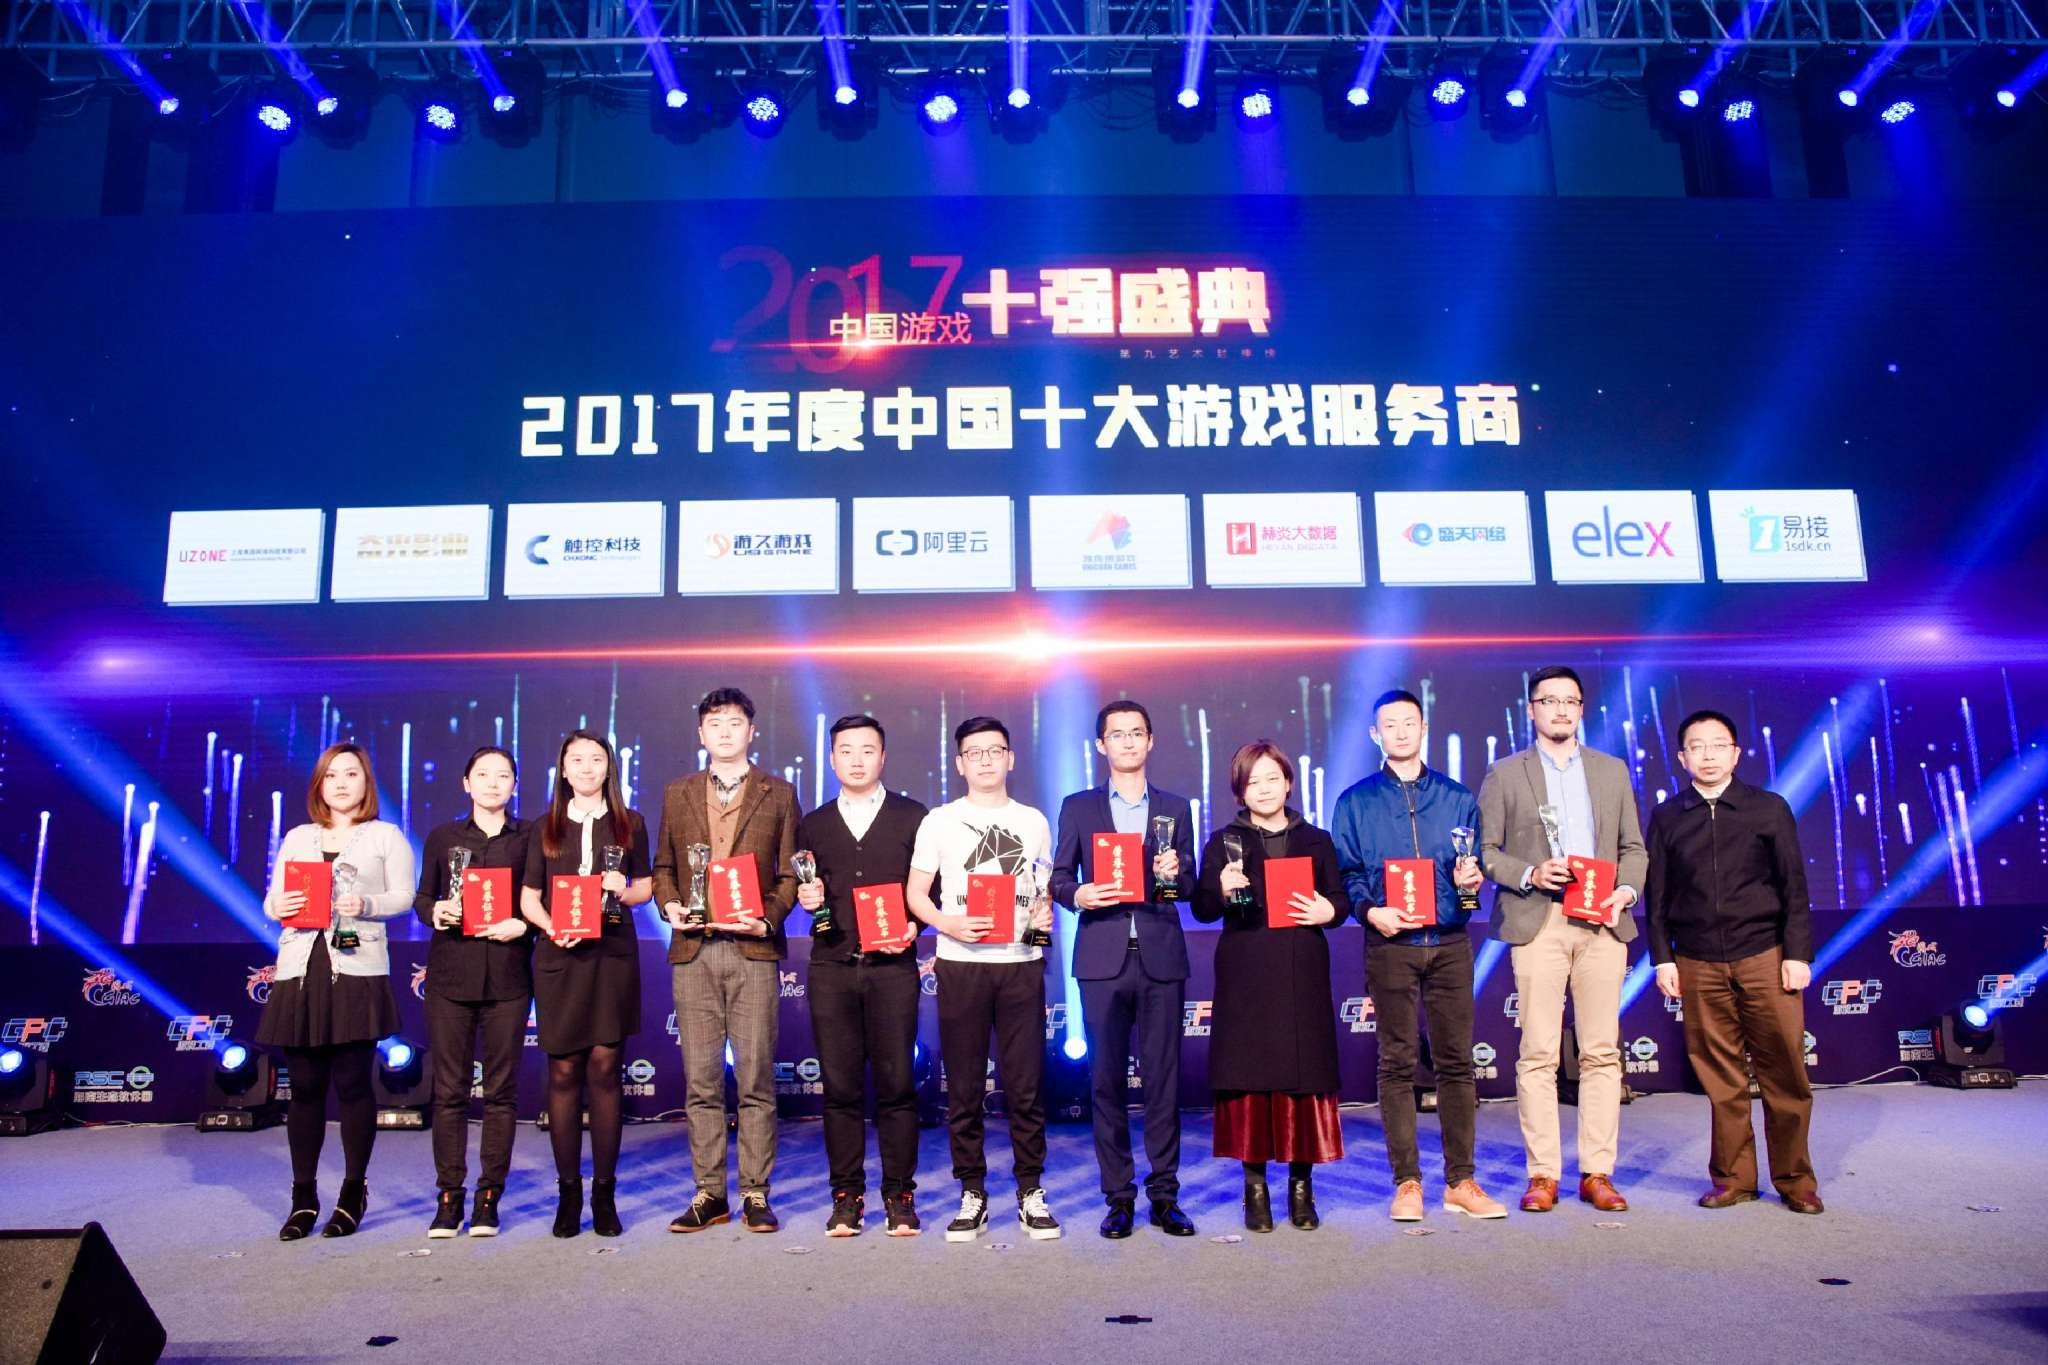 2017年度中国十大游戏服务商-颁奖现场(合照).jpg